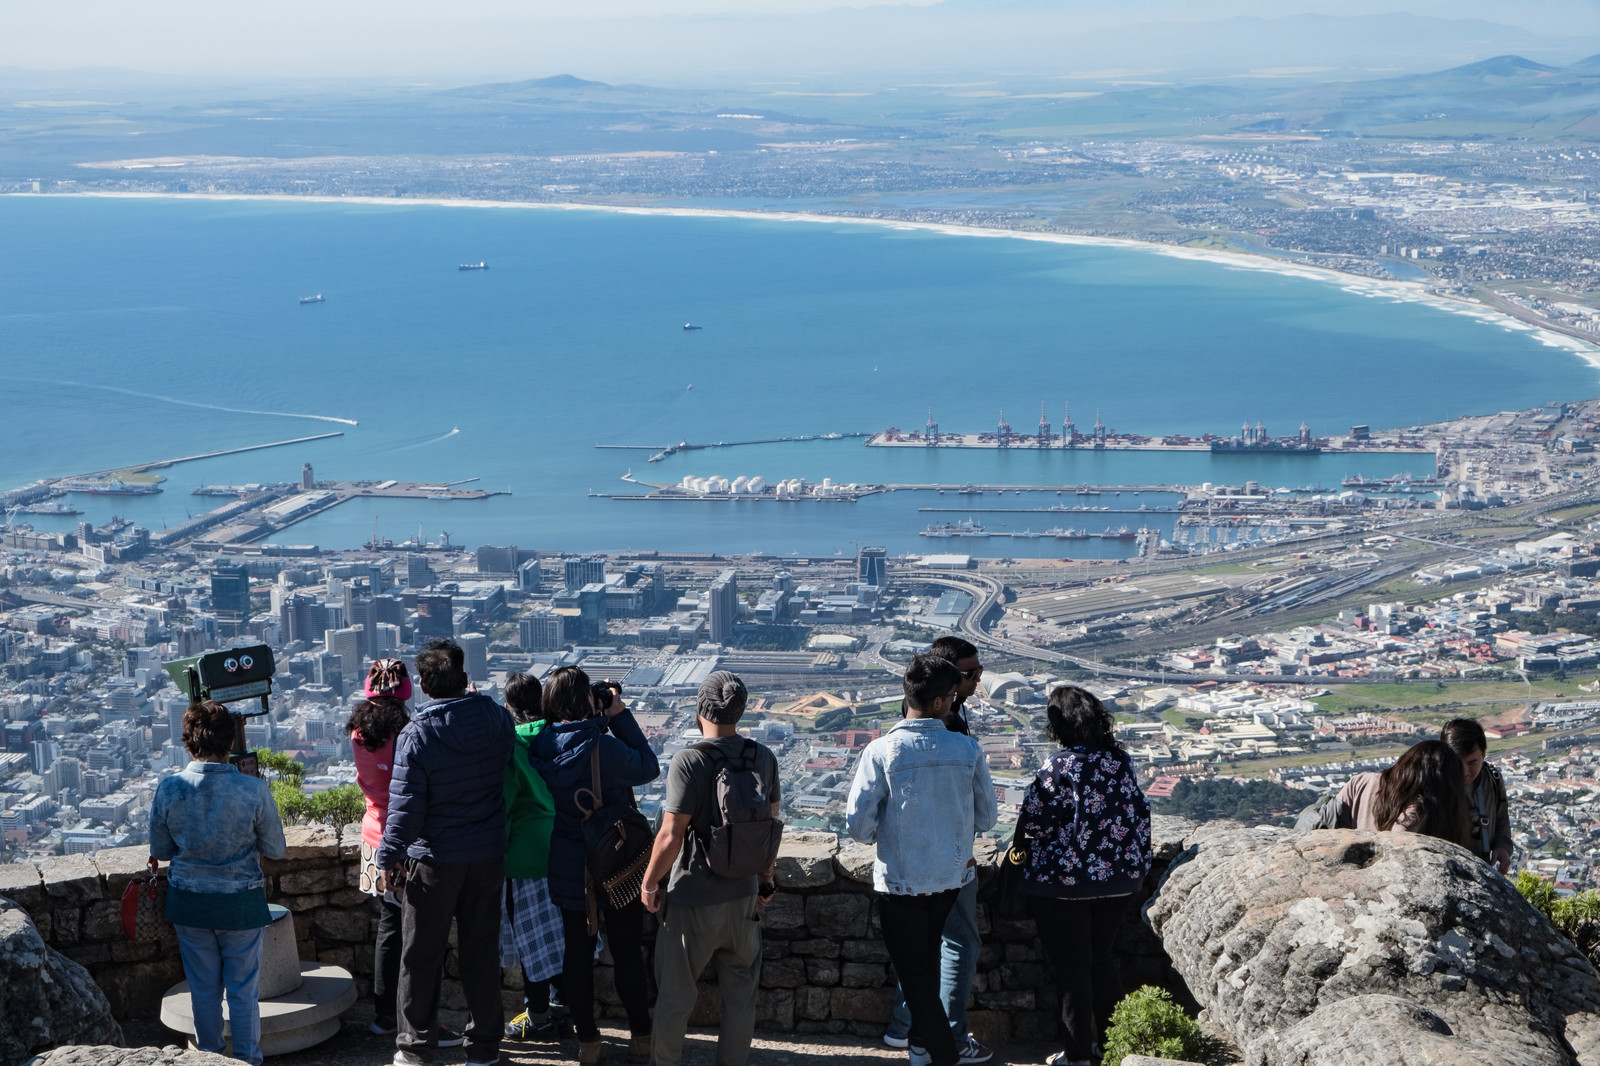 「テーブルマウンテン頂上から見たケープタウン市内の街並みと観光客(南アフリカ)」の写真